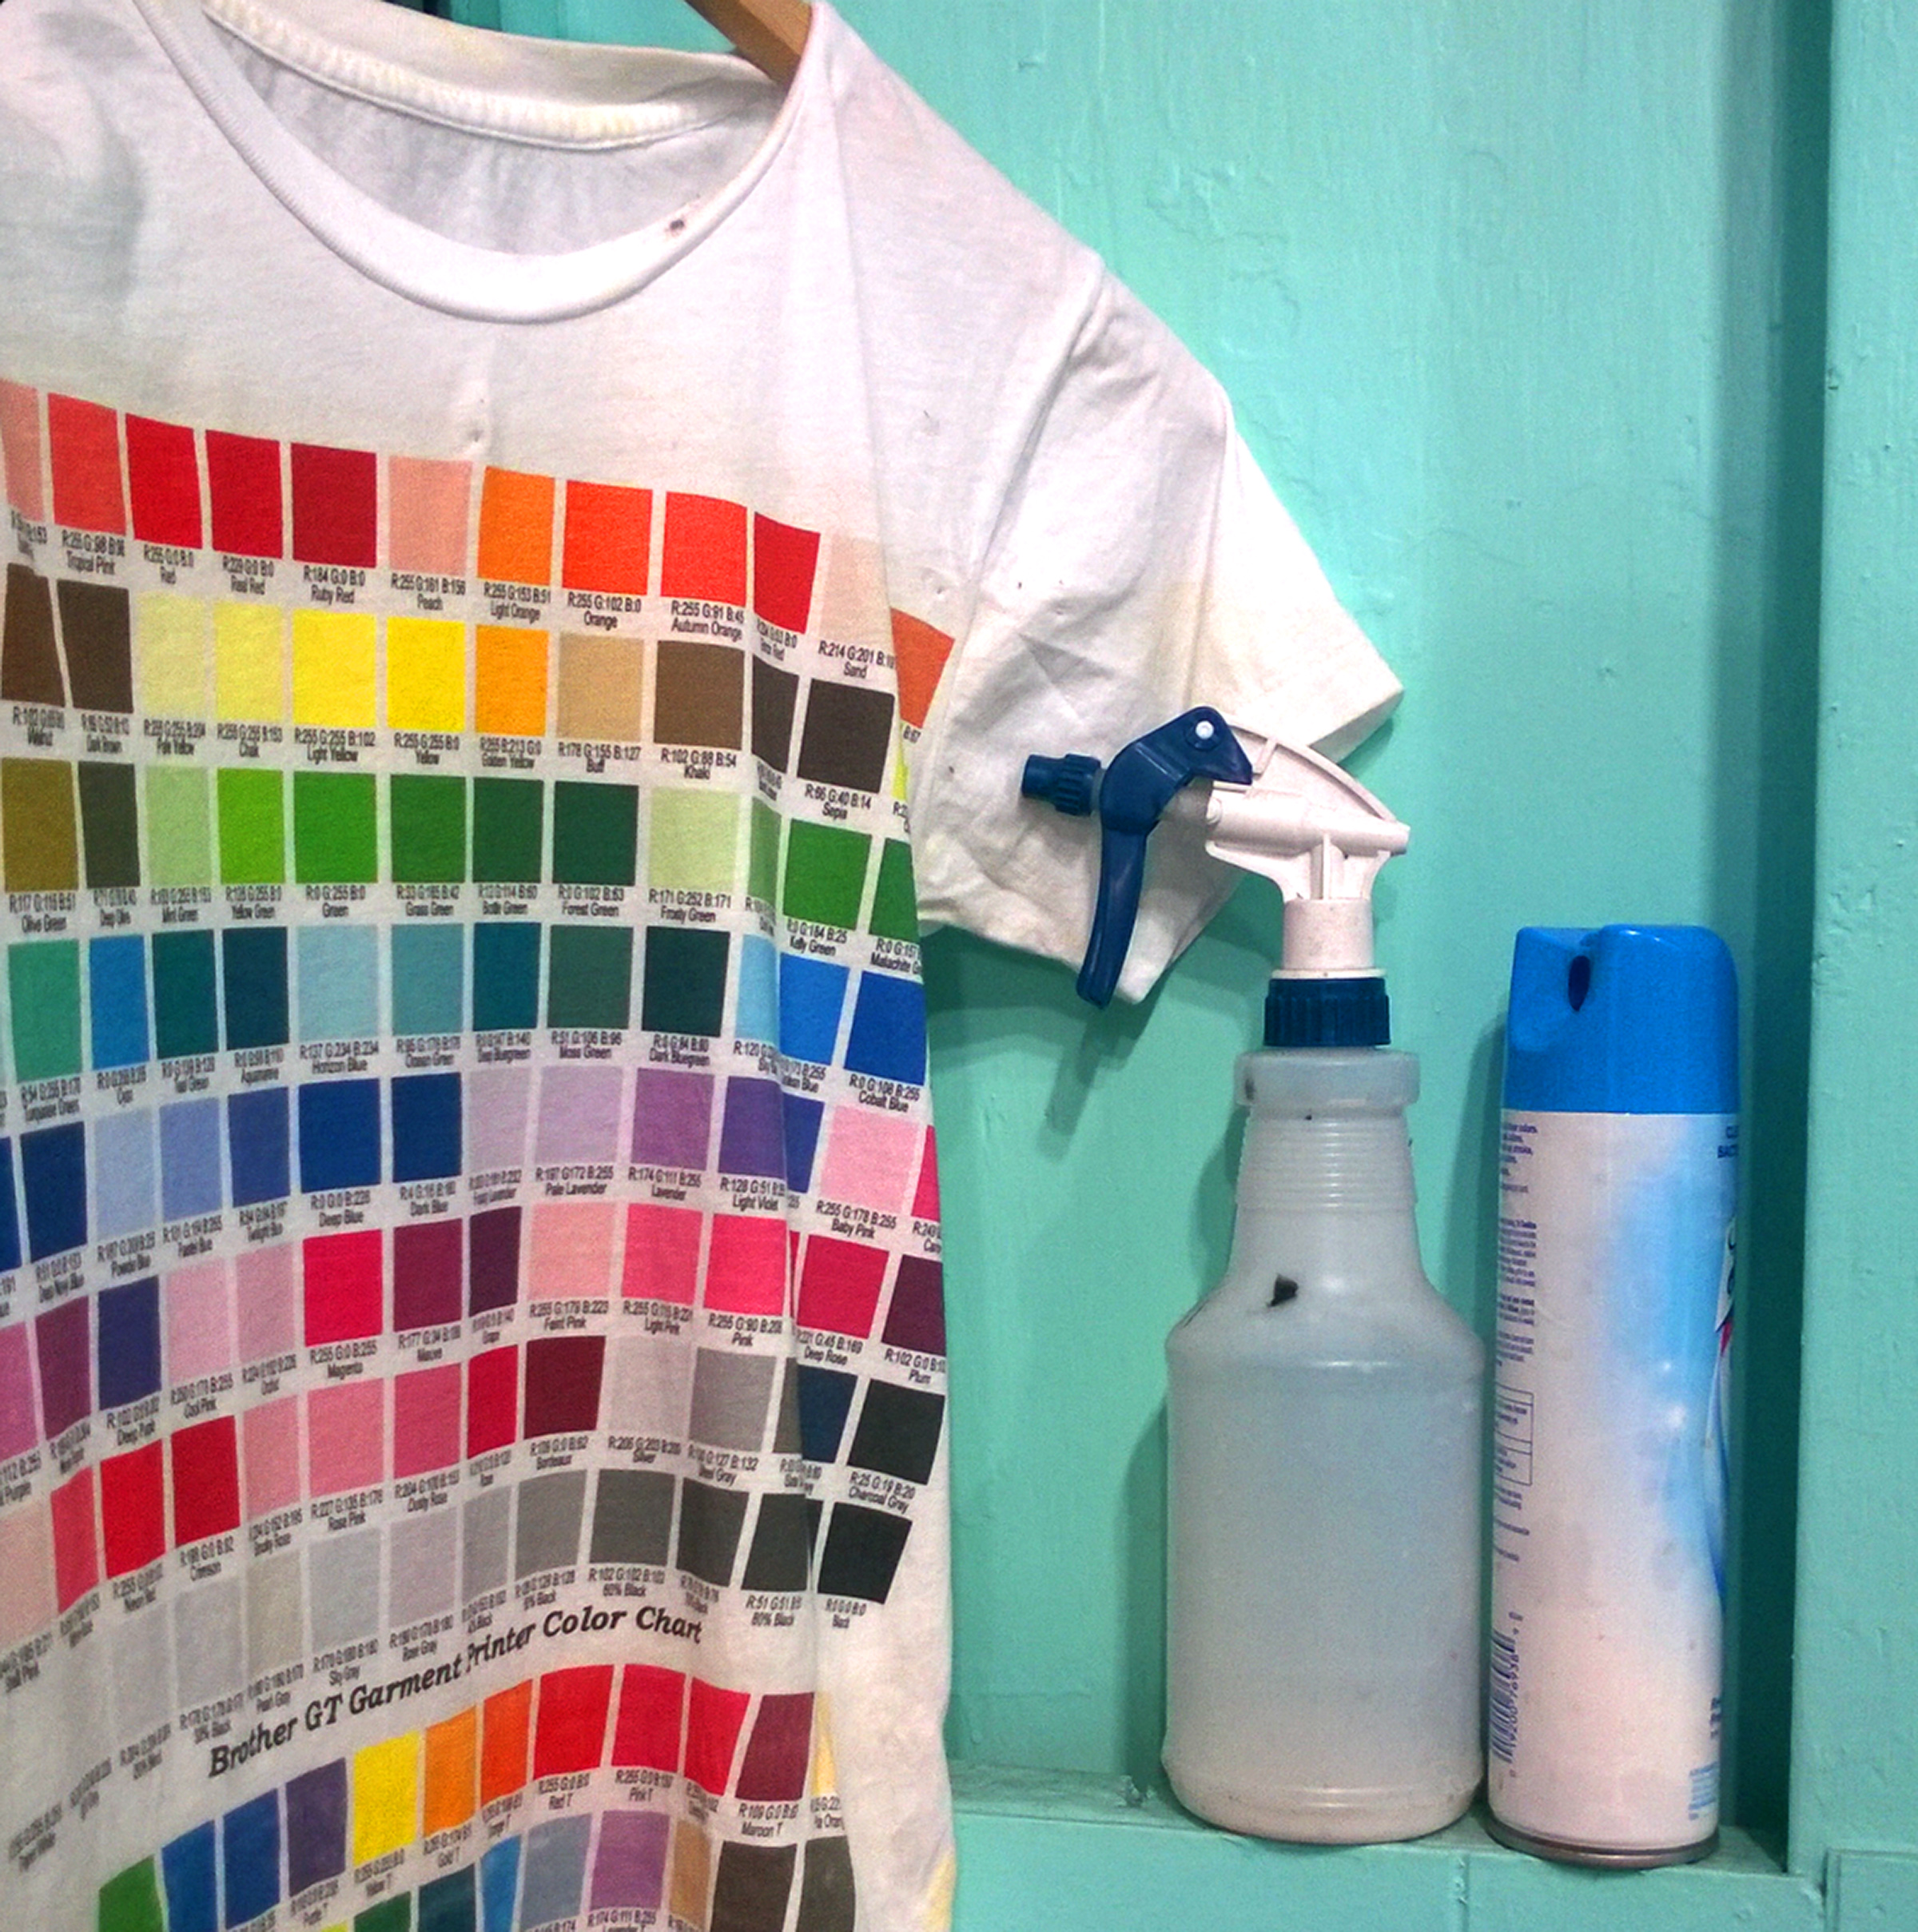 Rainbow Color chart.jpg